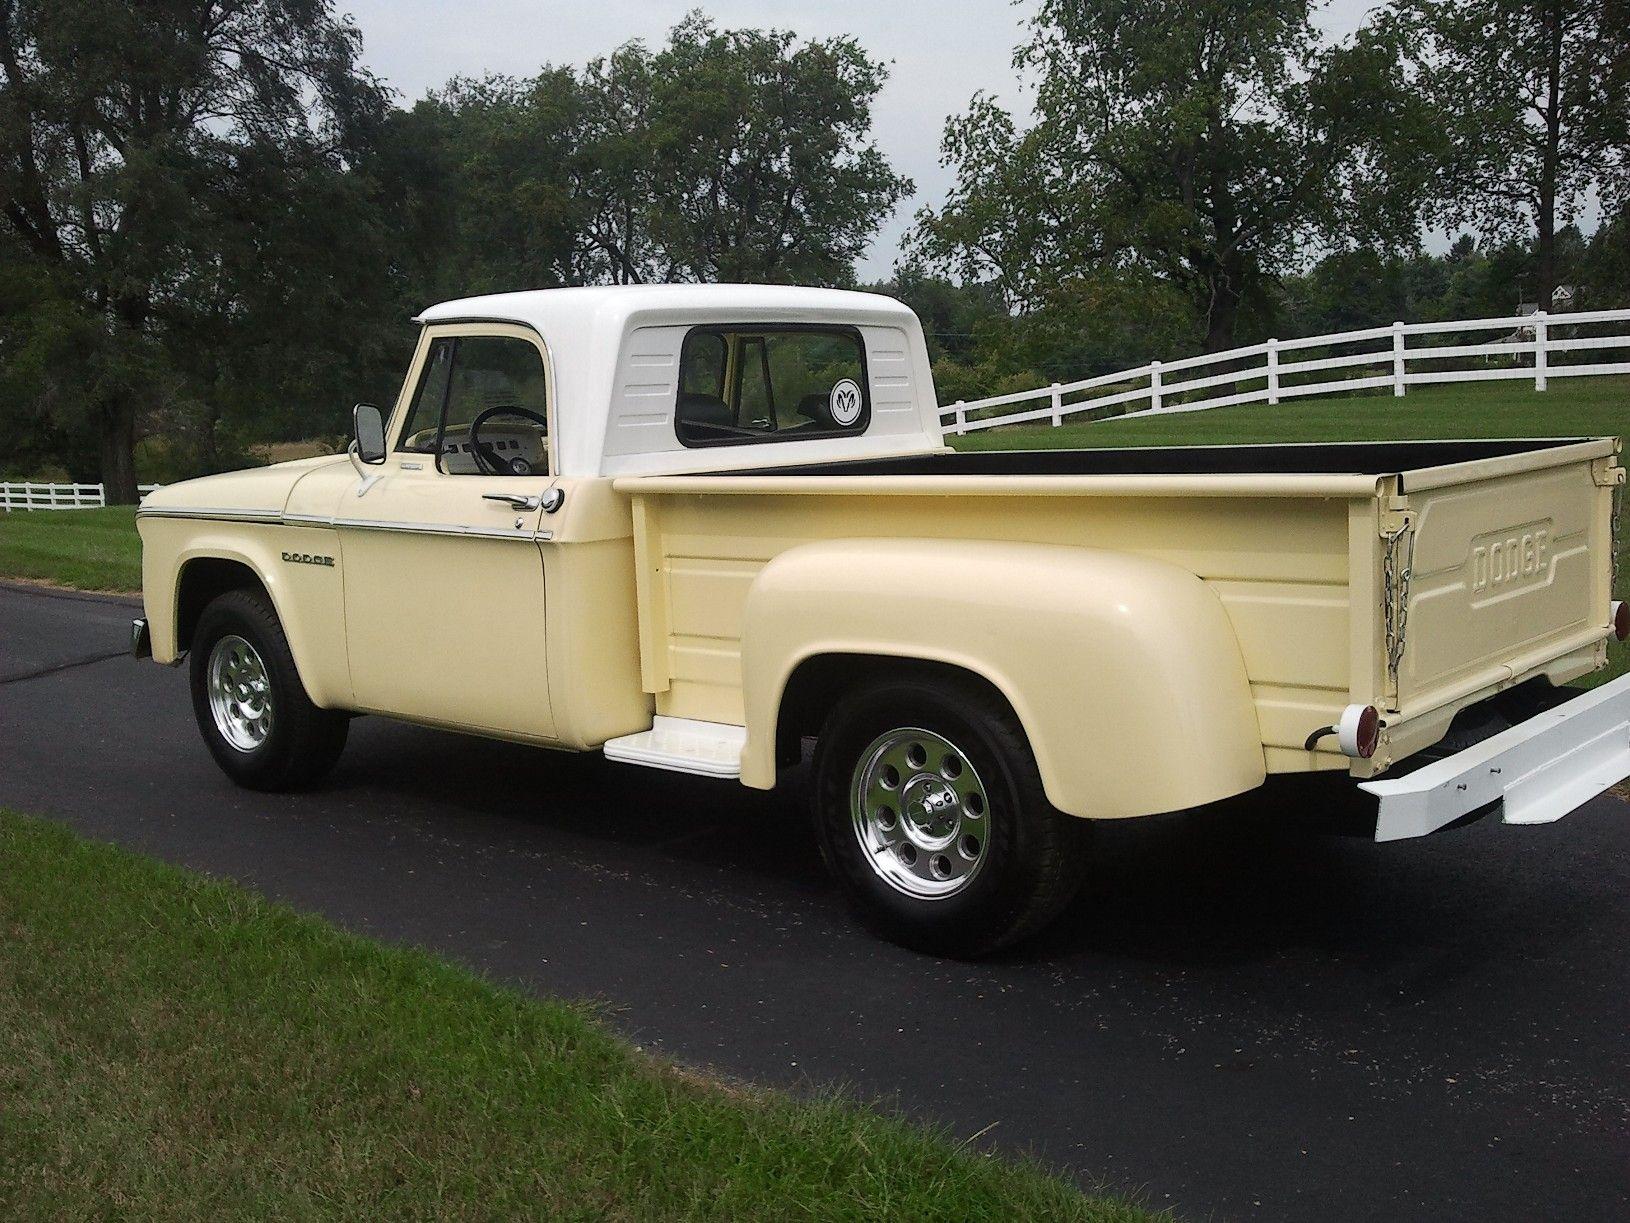 For Sale: Really nice 1965 Dodge D-100 Stepside Pickup Truck, 318 V ...